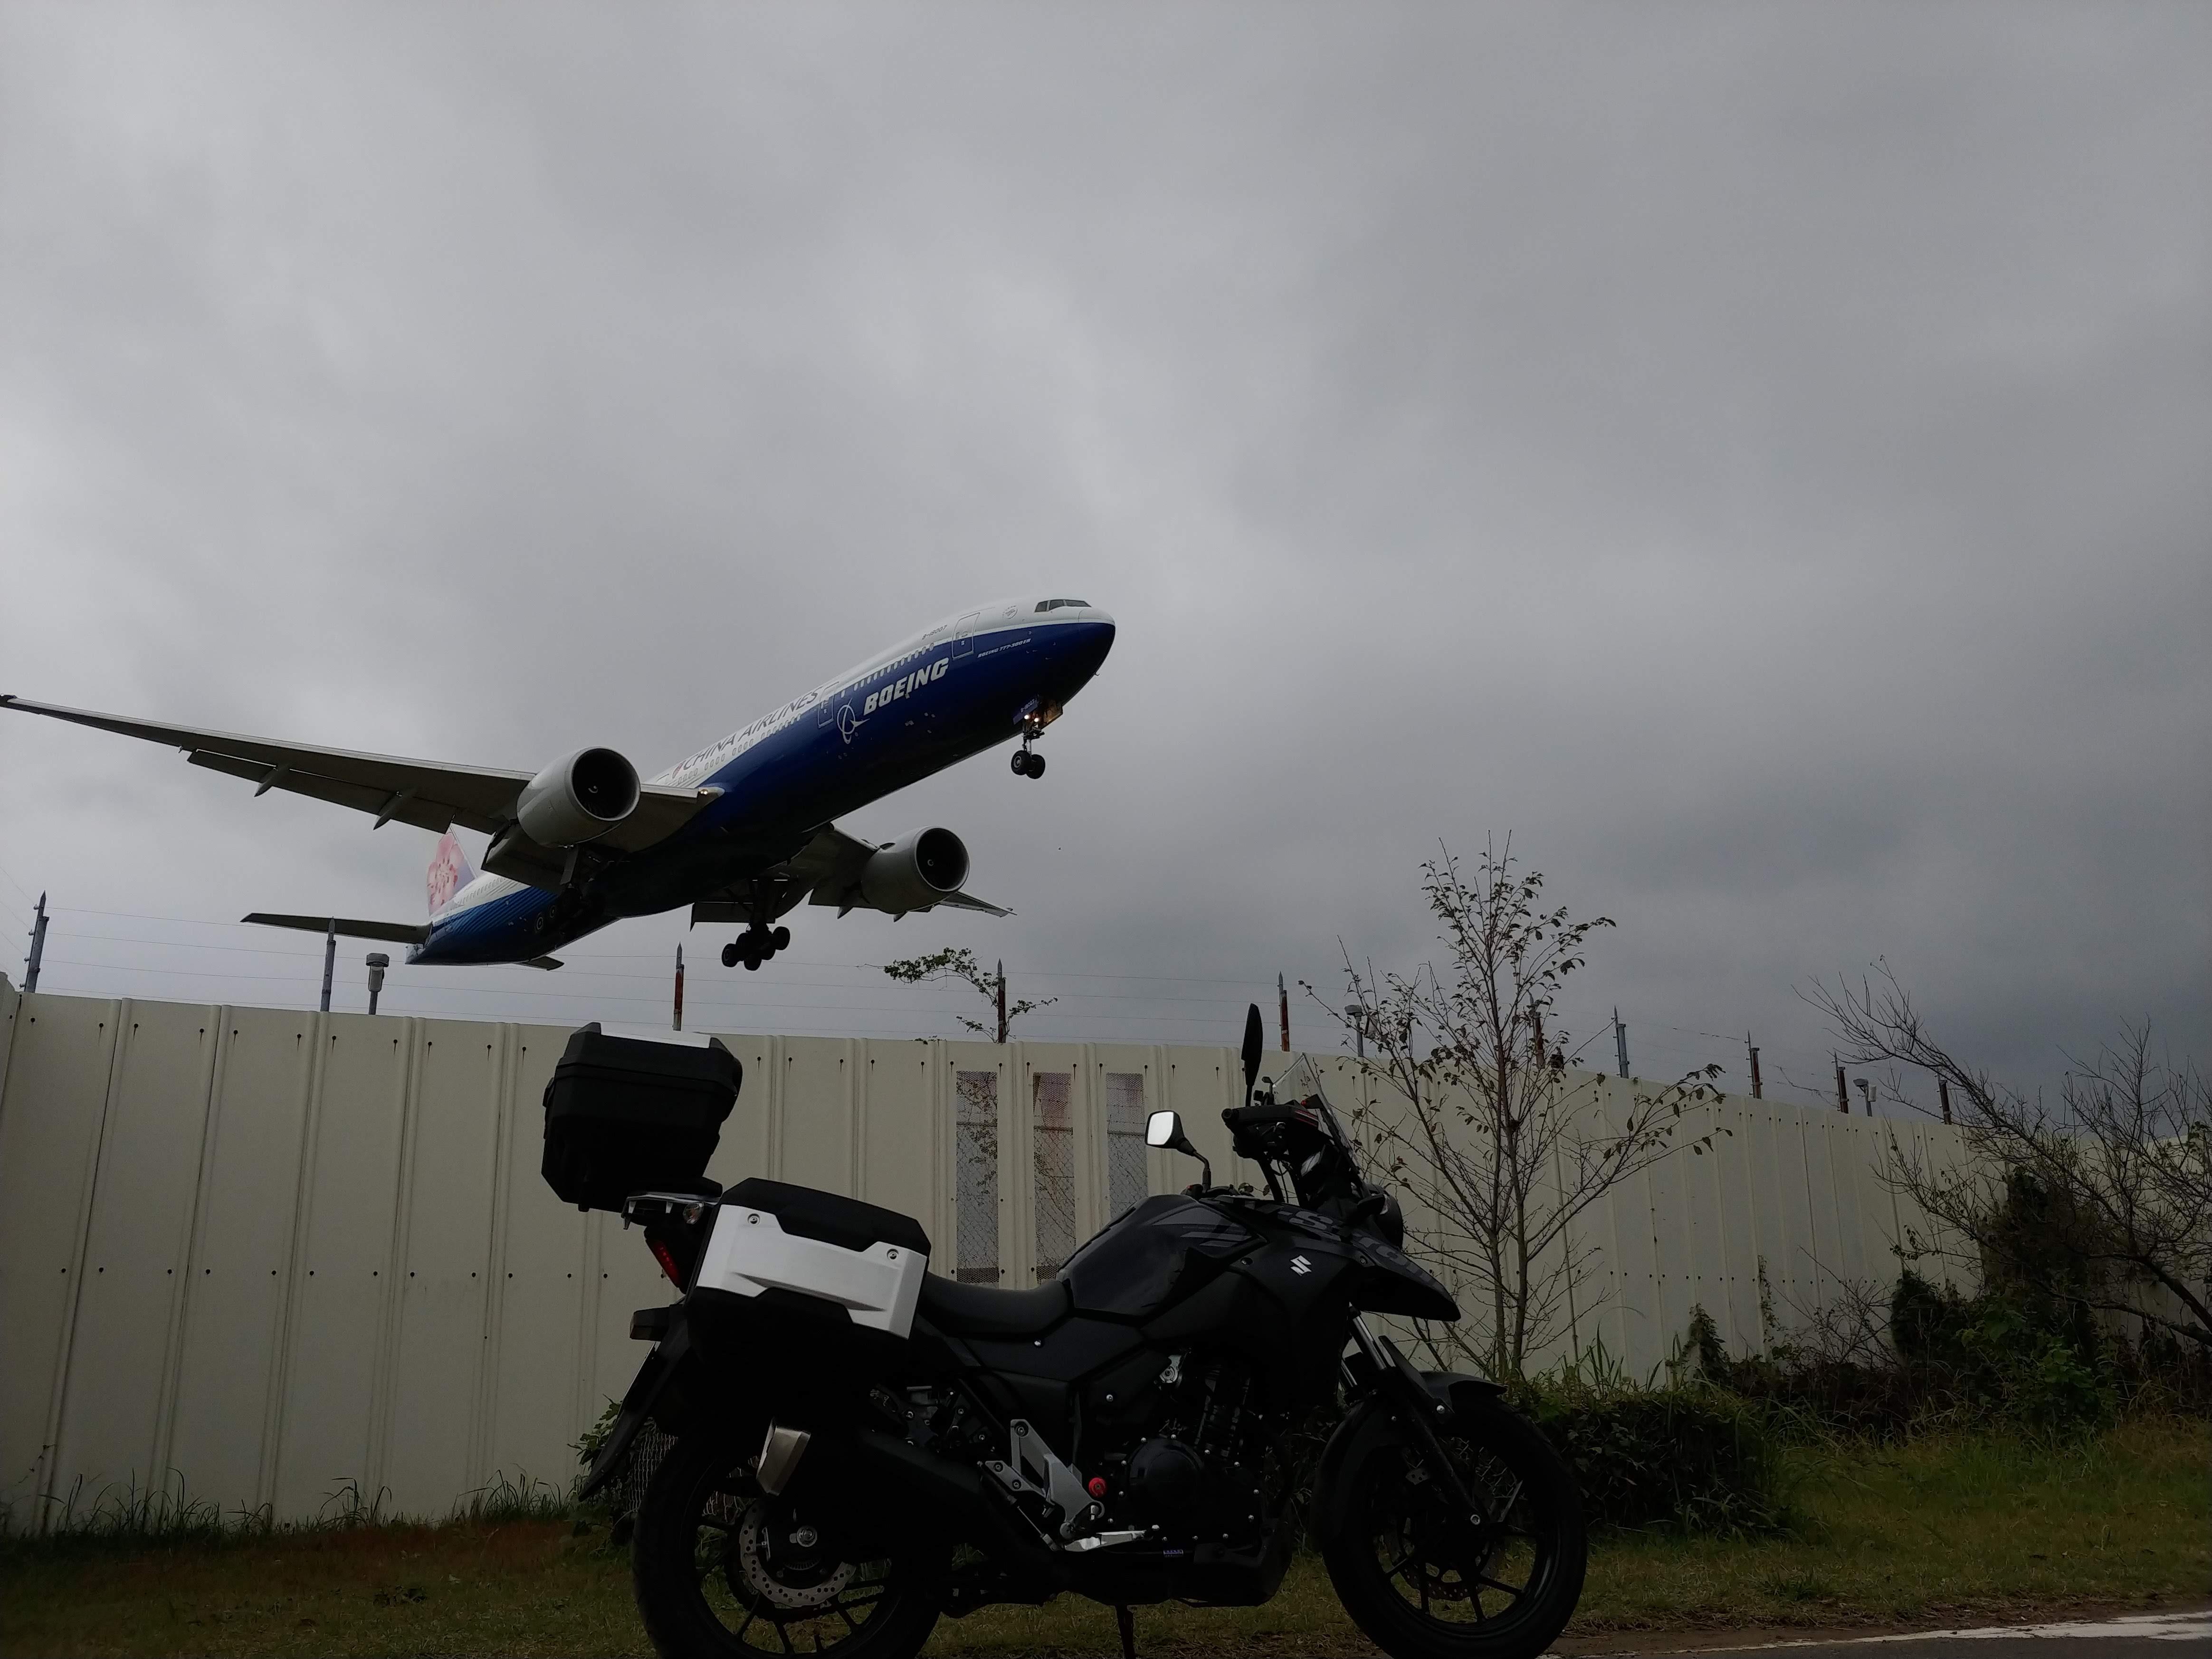 レトロ自販機と、ジャンボジェット機と。